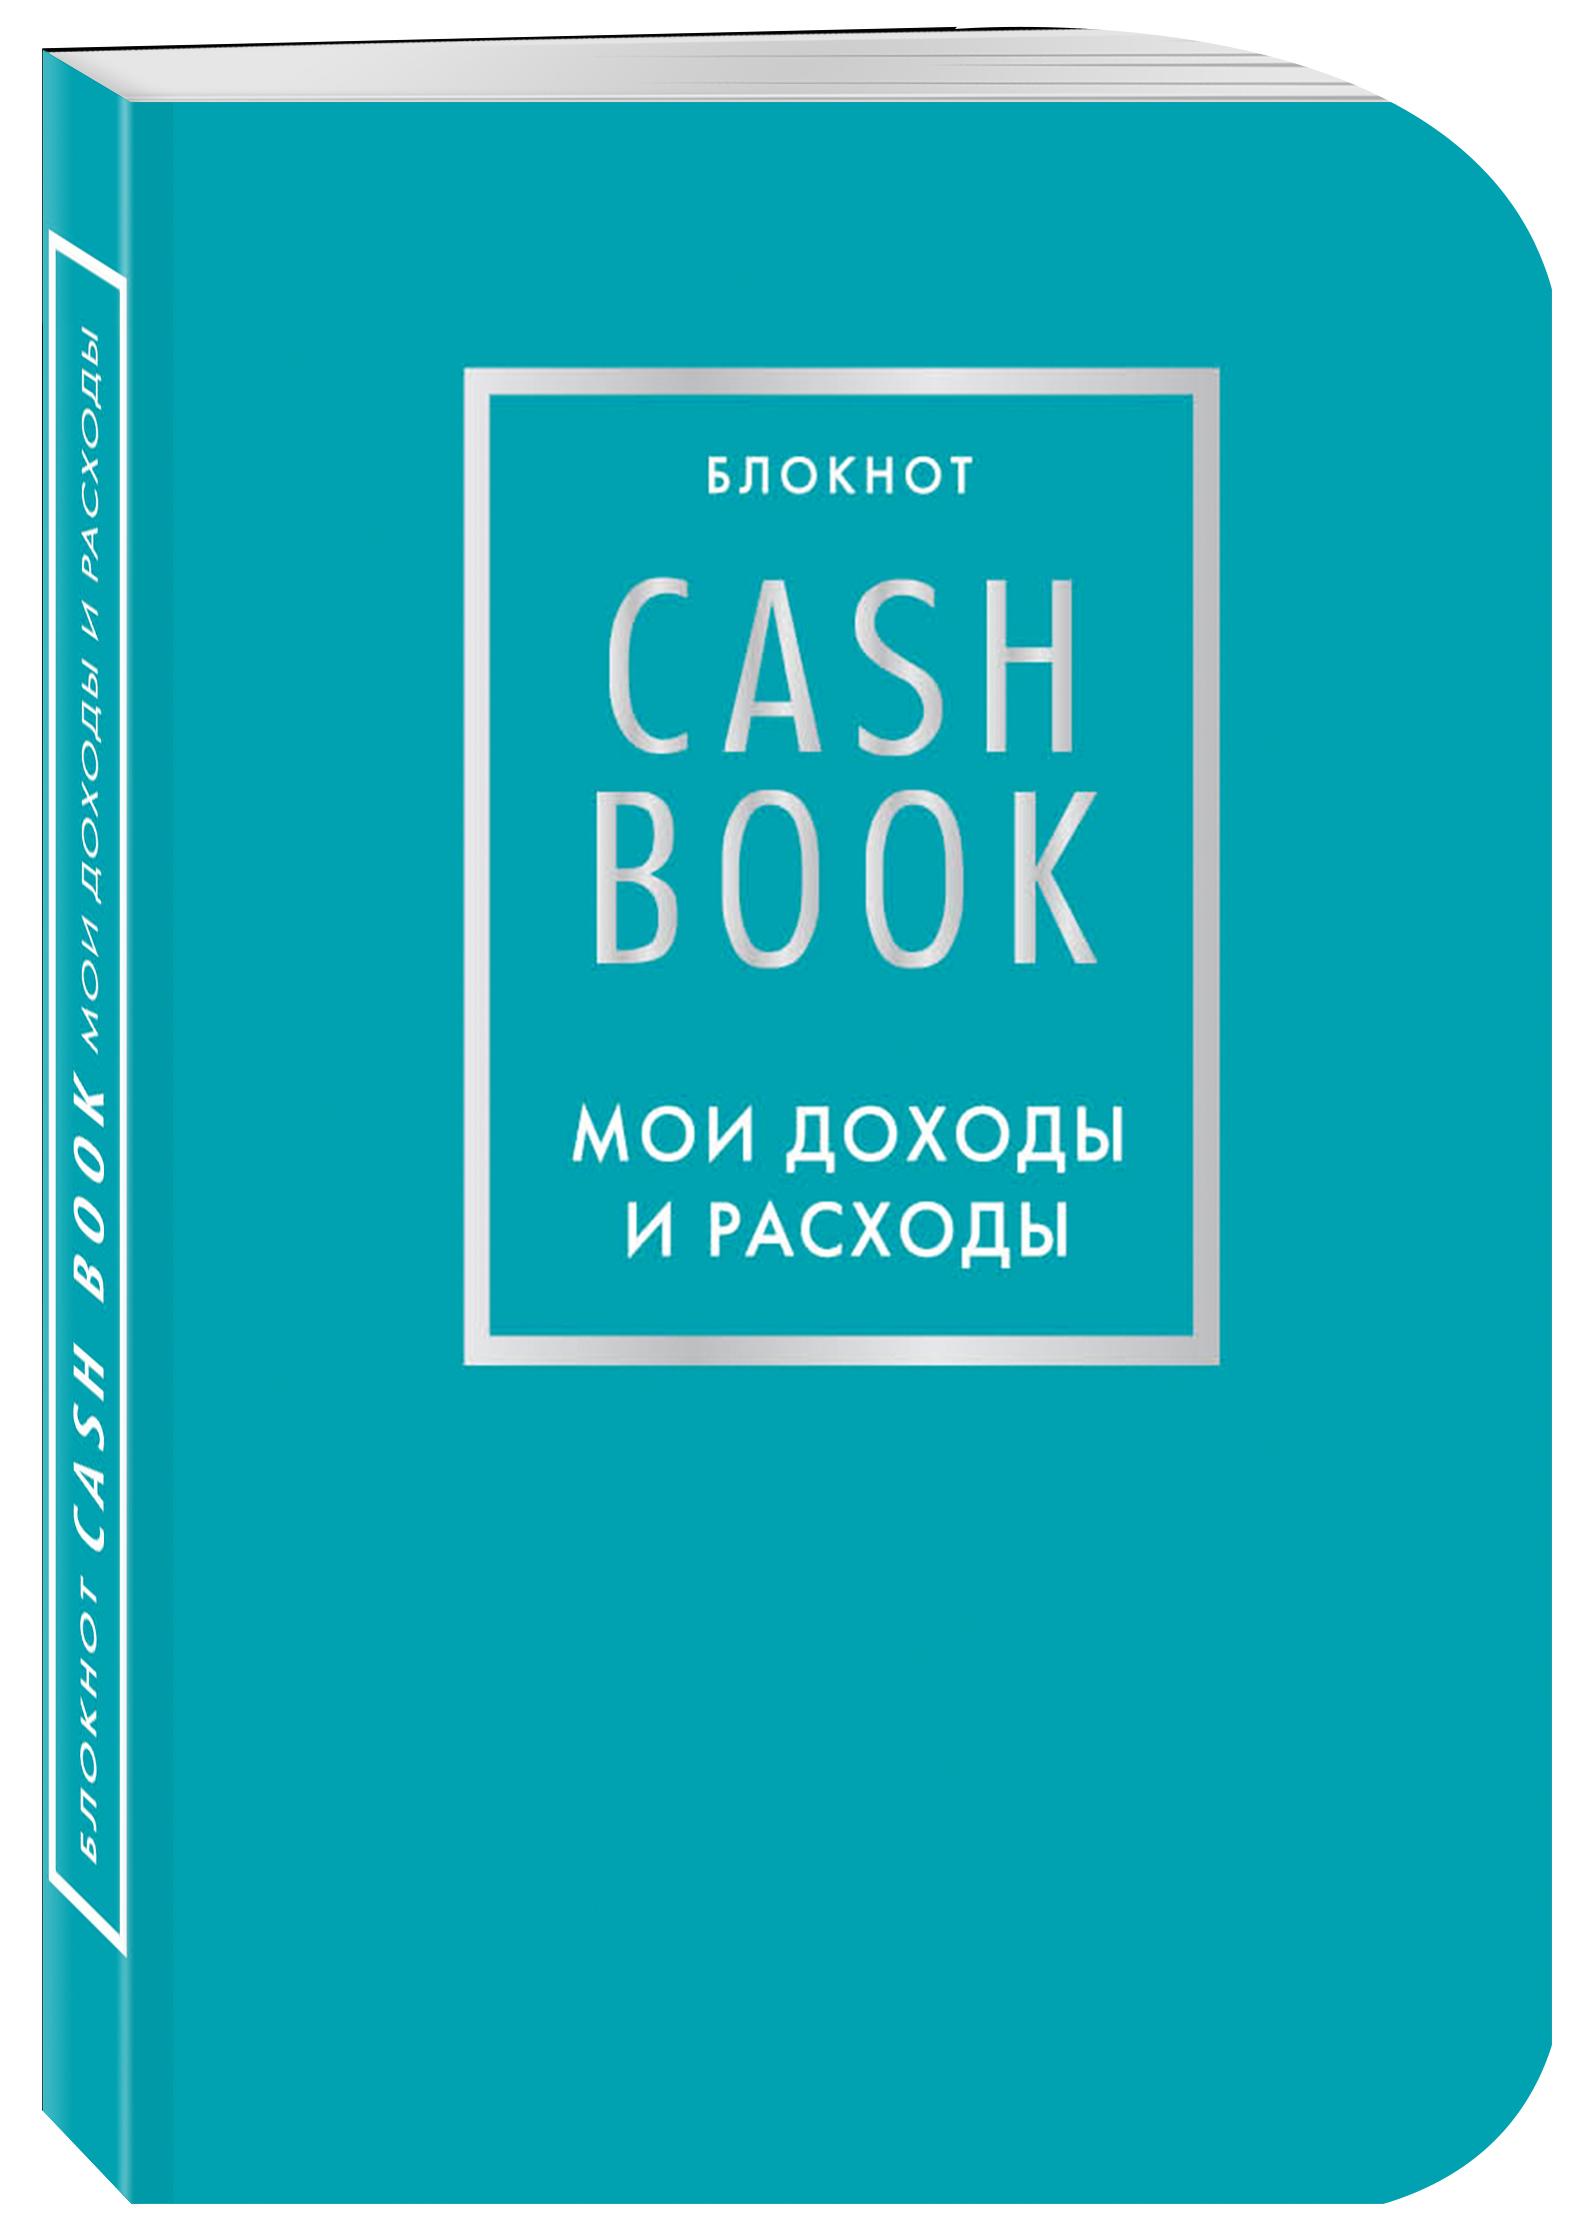 CashBook. Мои доходы и расходы. 6-е издание (бирюзовый) cashbook мои доходы и расходы 4 е изд 3 е оф